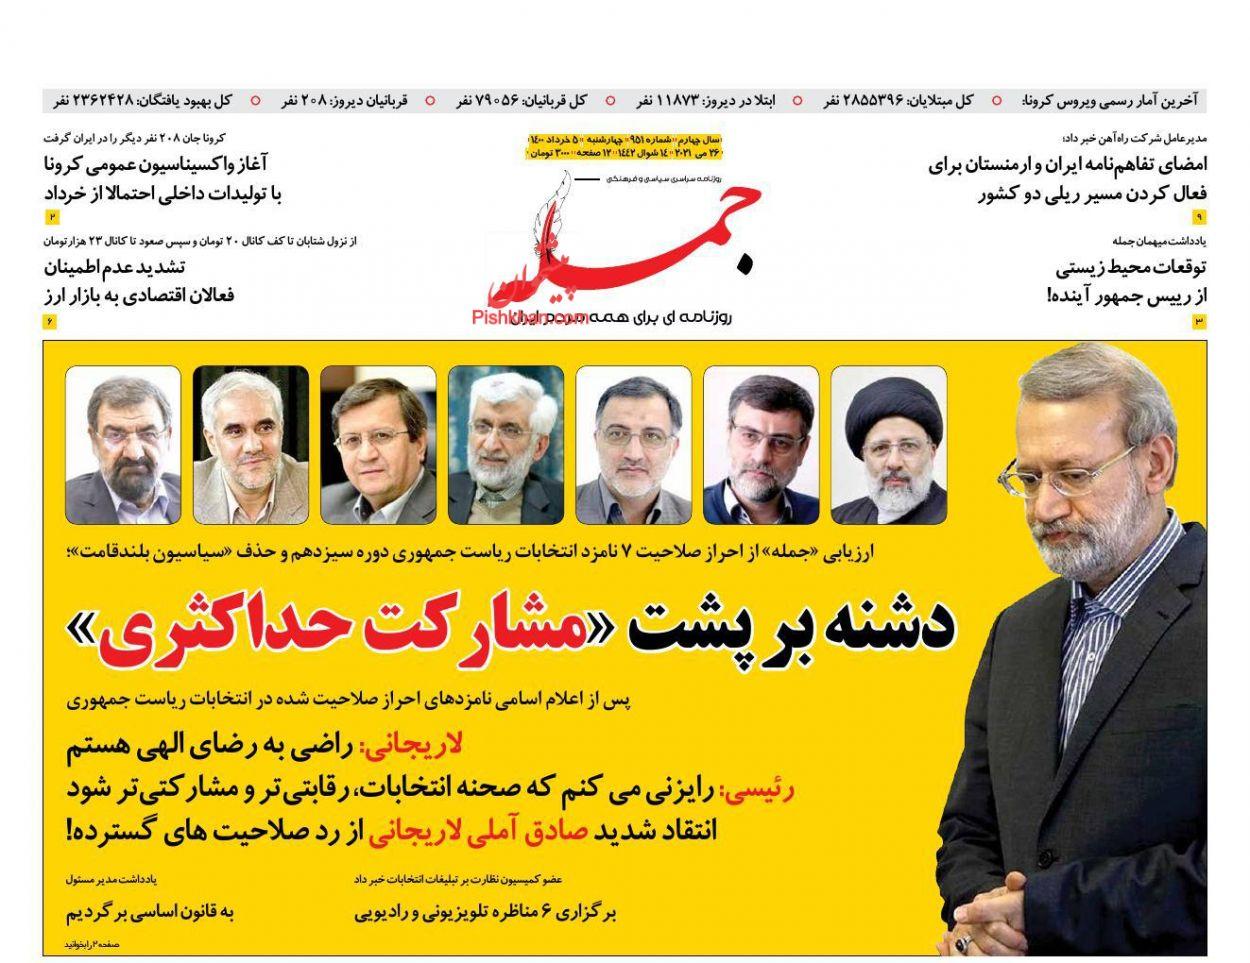 عناوین اخبار روزنامه جمله در روز چهارشنبه ۵ خرداد